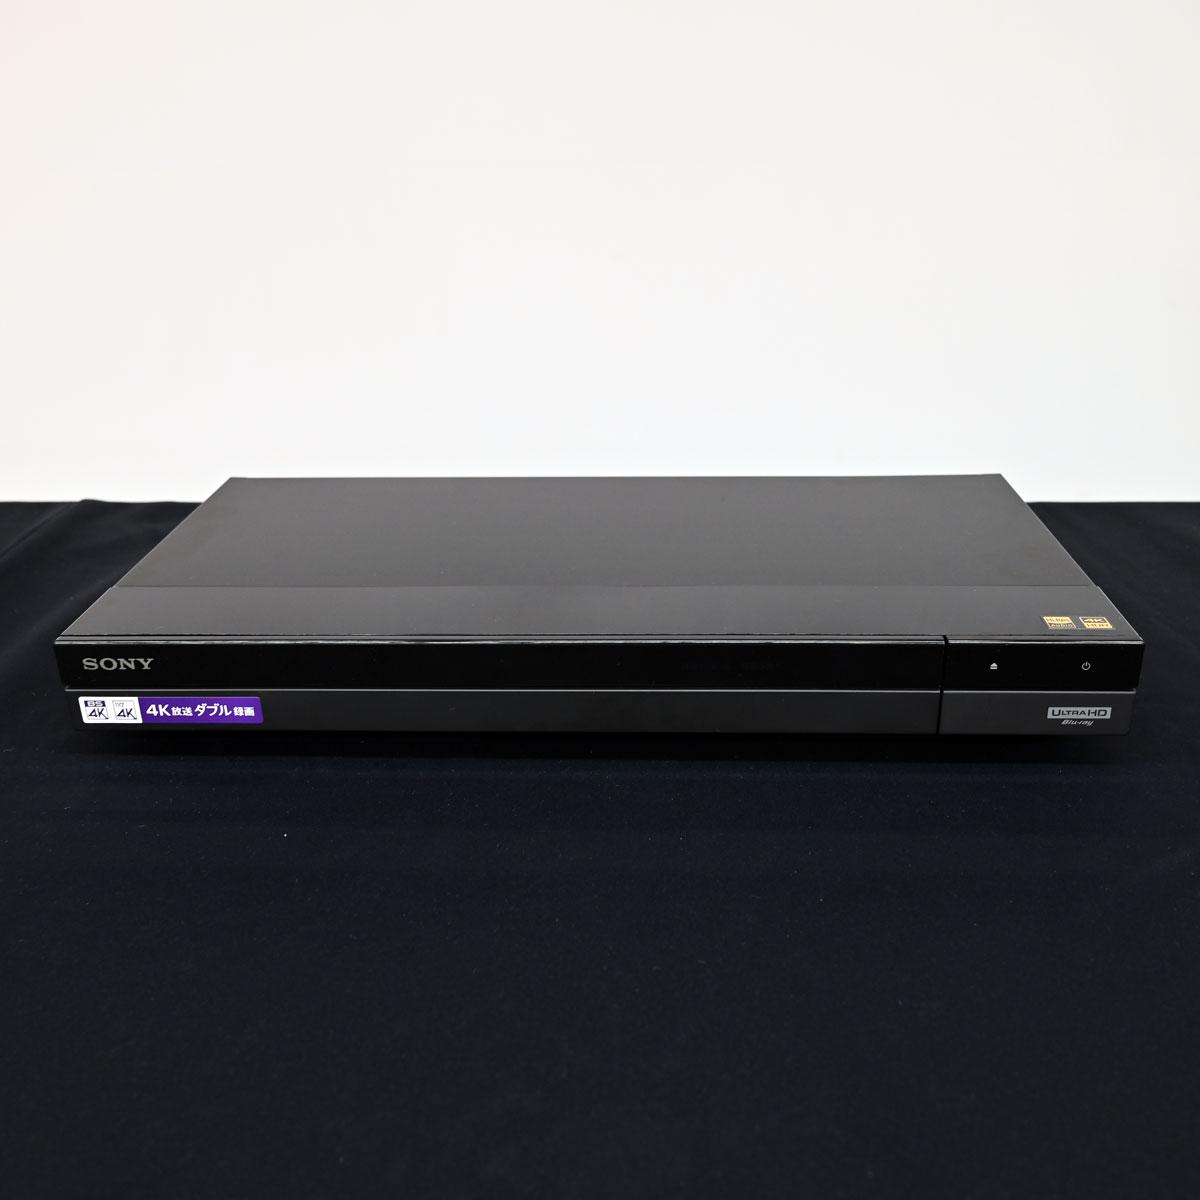 ソニー初の4Kチューナー内蔵BDレコーダーは2番組録画&最大11倍録画対応のフルスペックで登場!